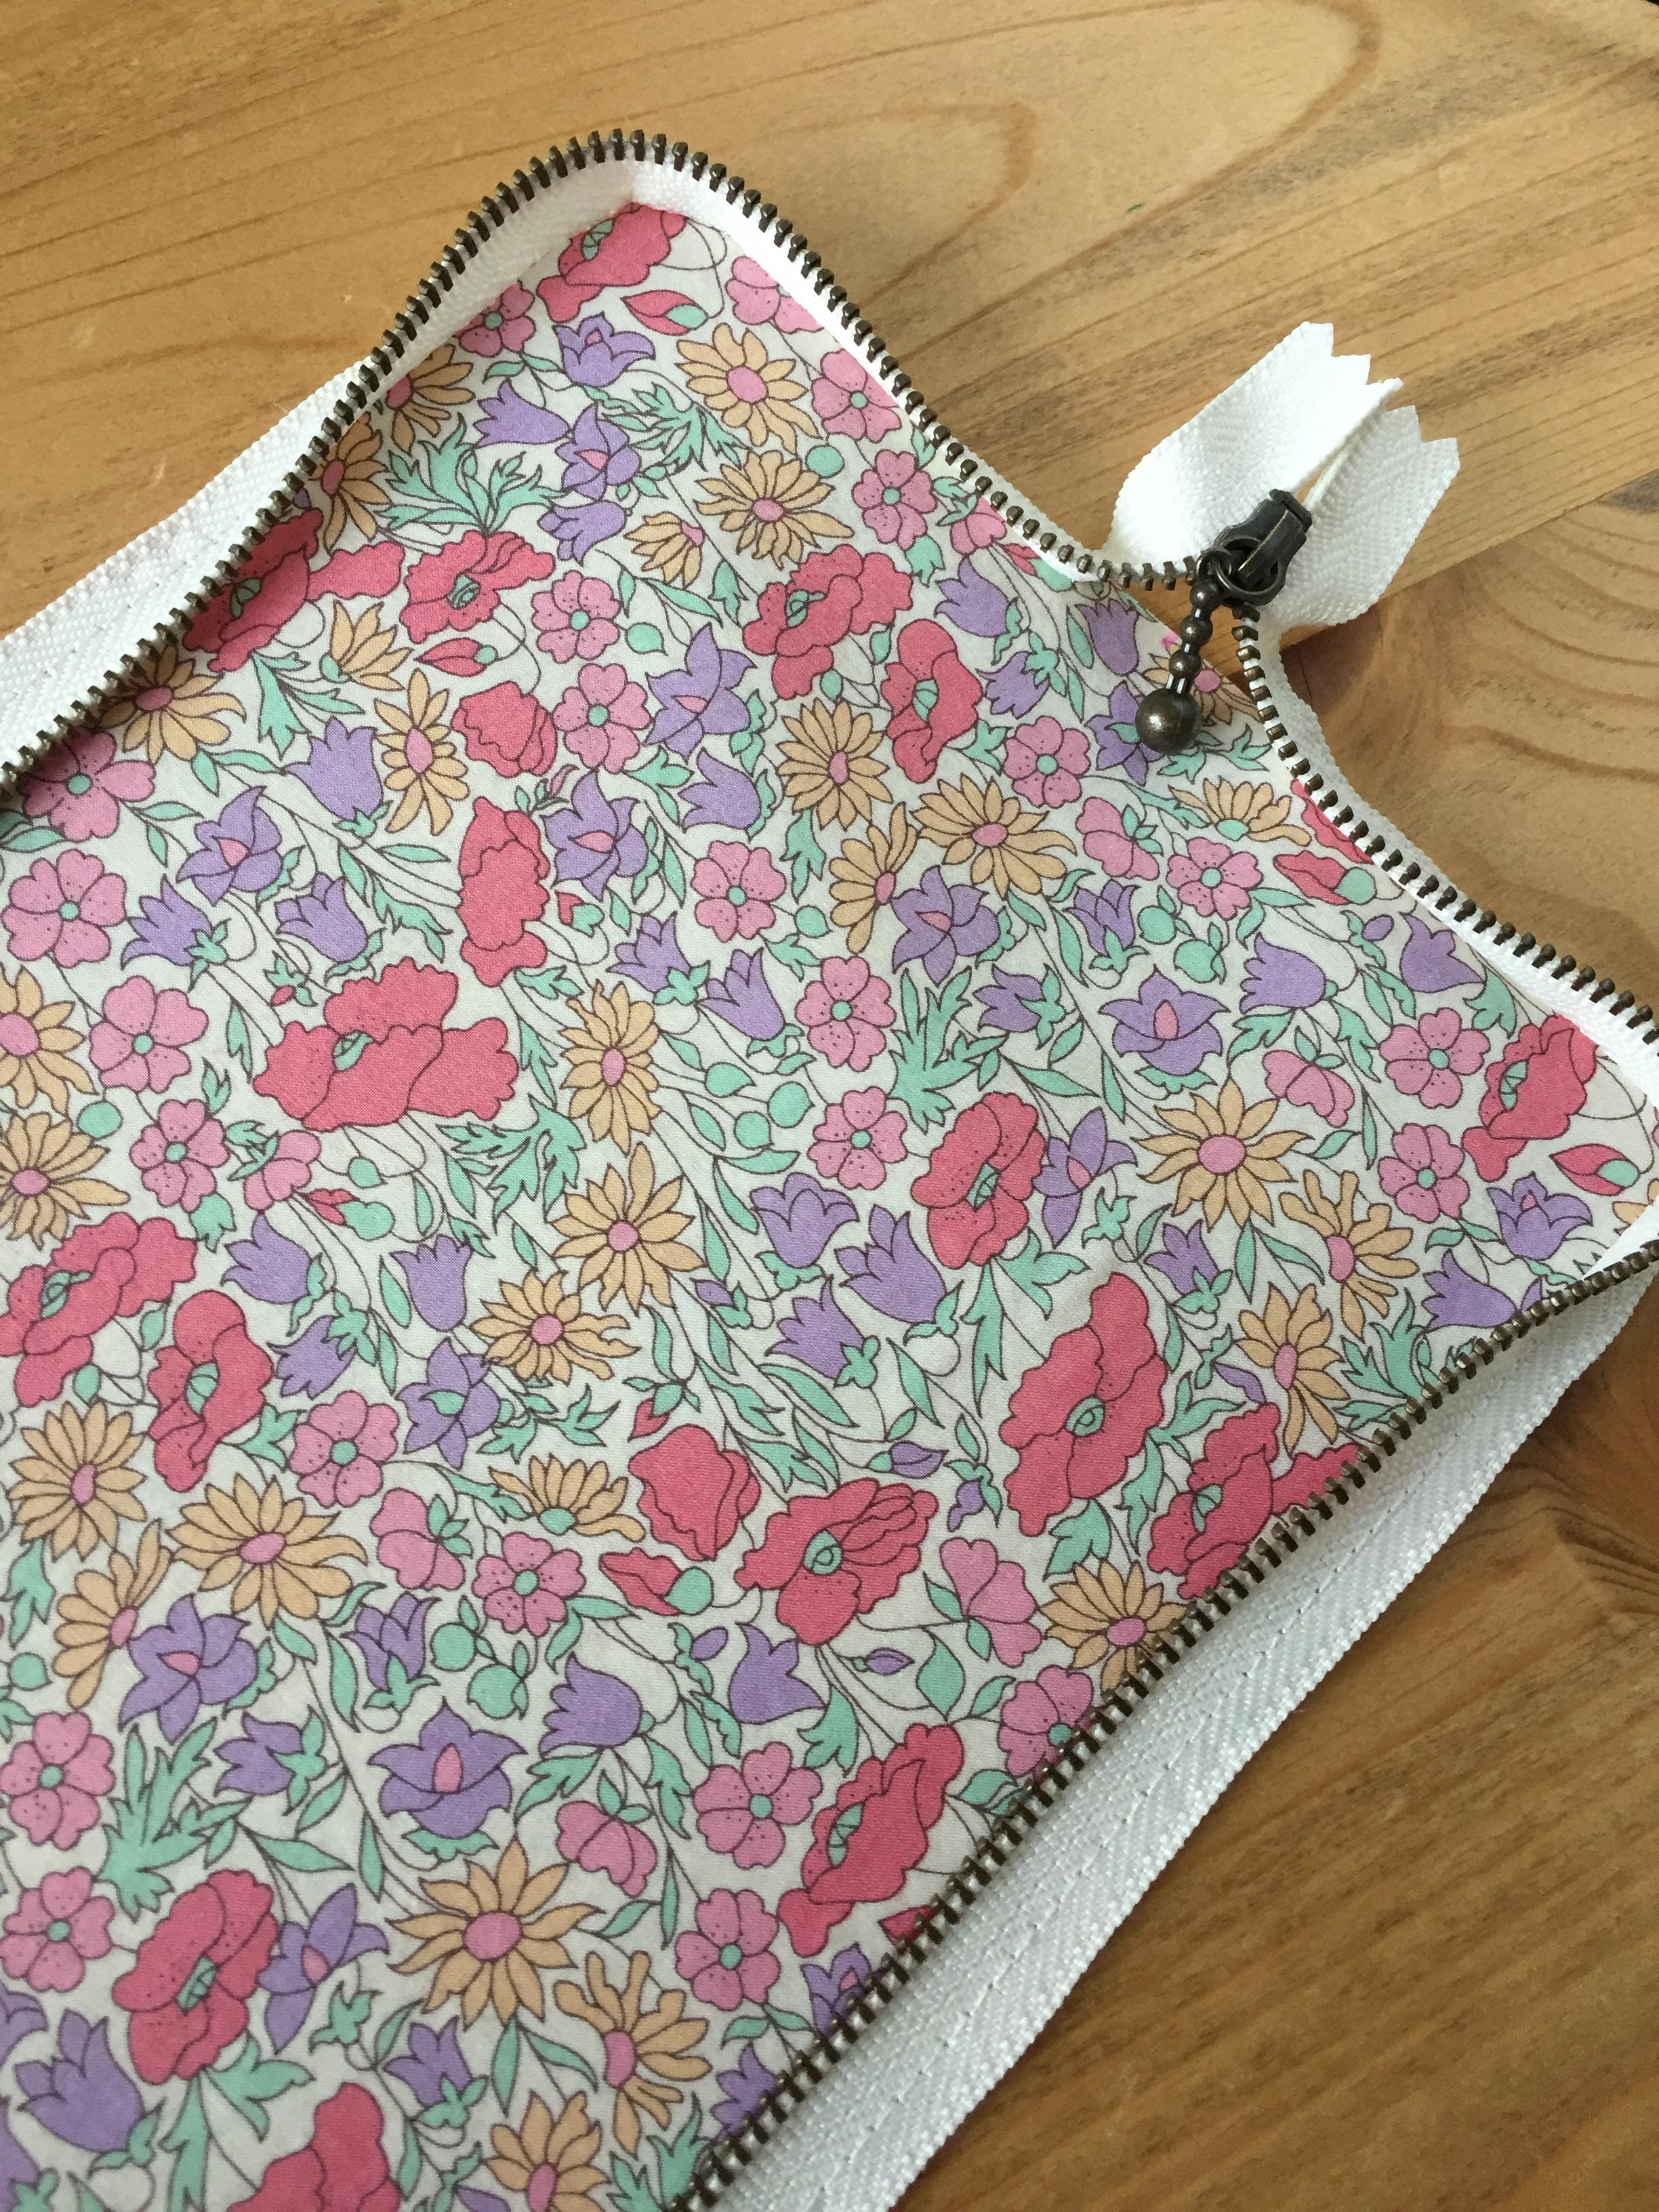 長財布製作日記その2・カーブのきつい箇所は針目を小さくして。